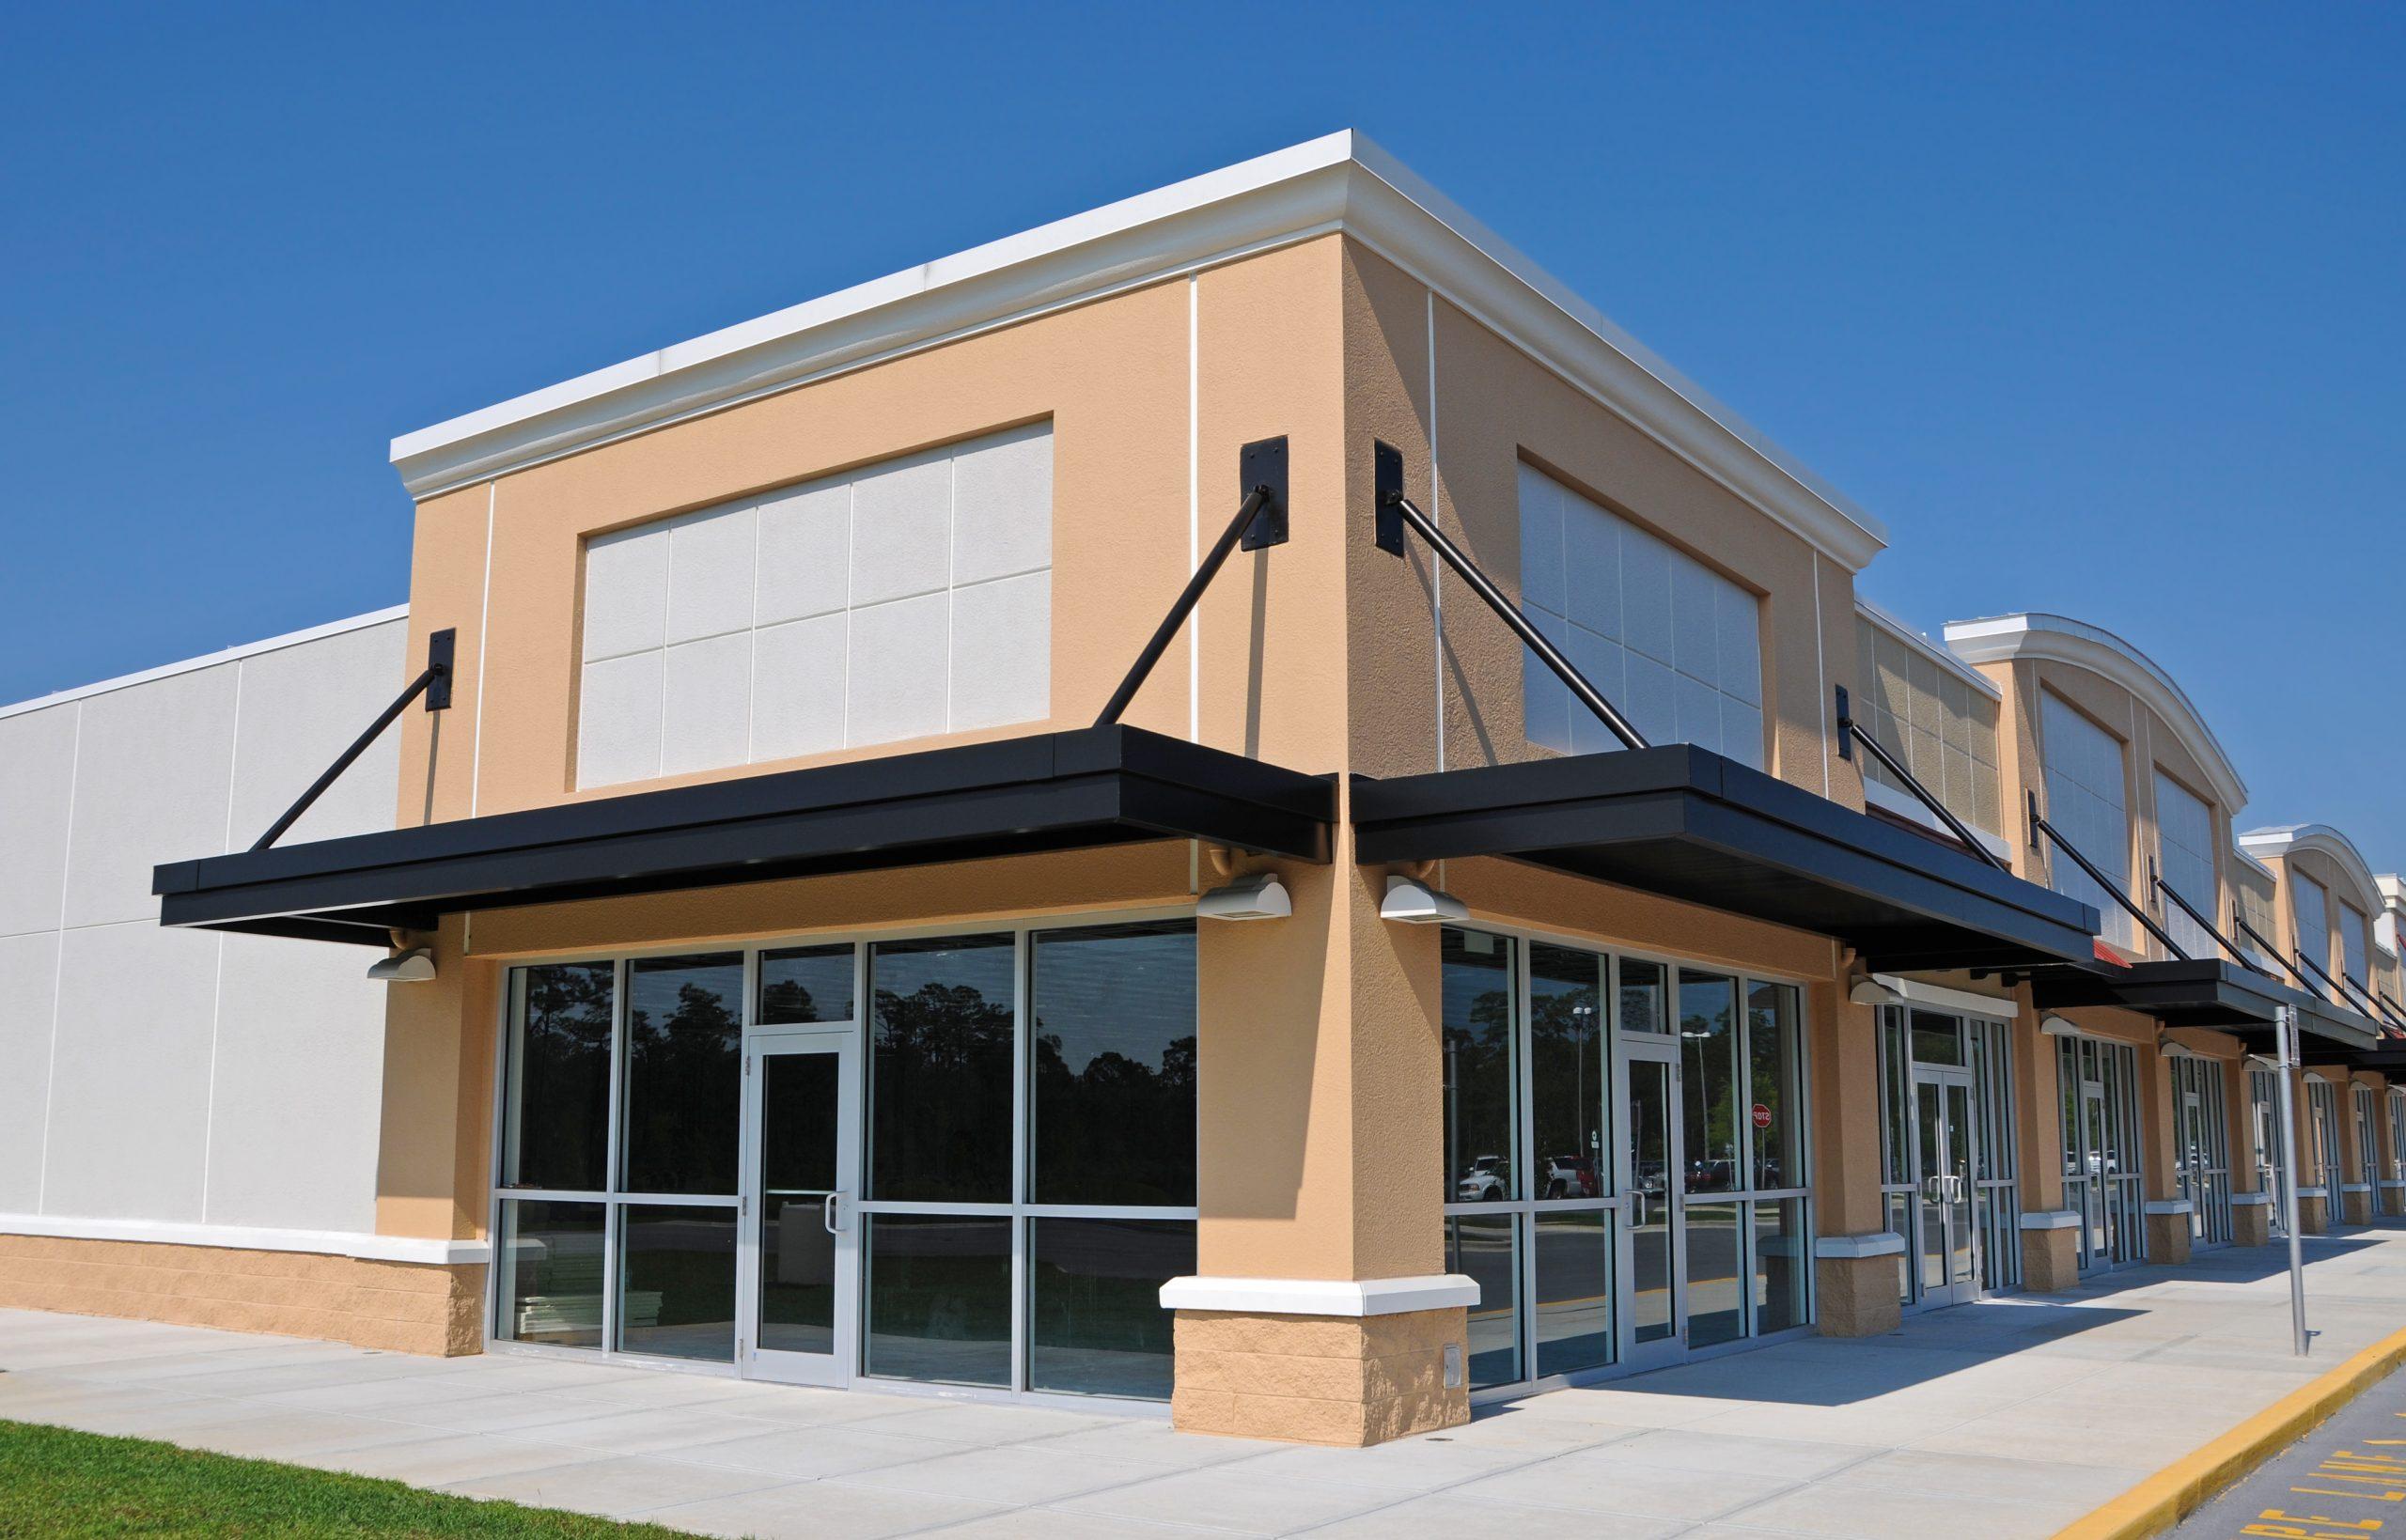 Camdenton Glass Company, Camdenton Missouri Camdenton Glass Company, Residential Glass